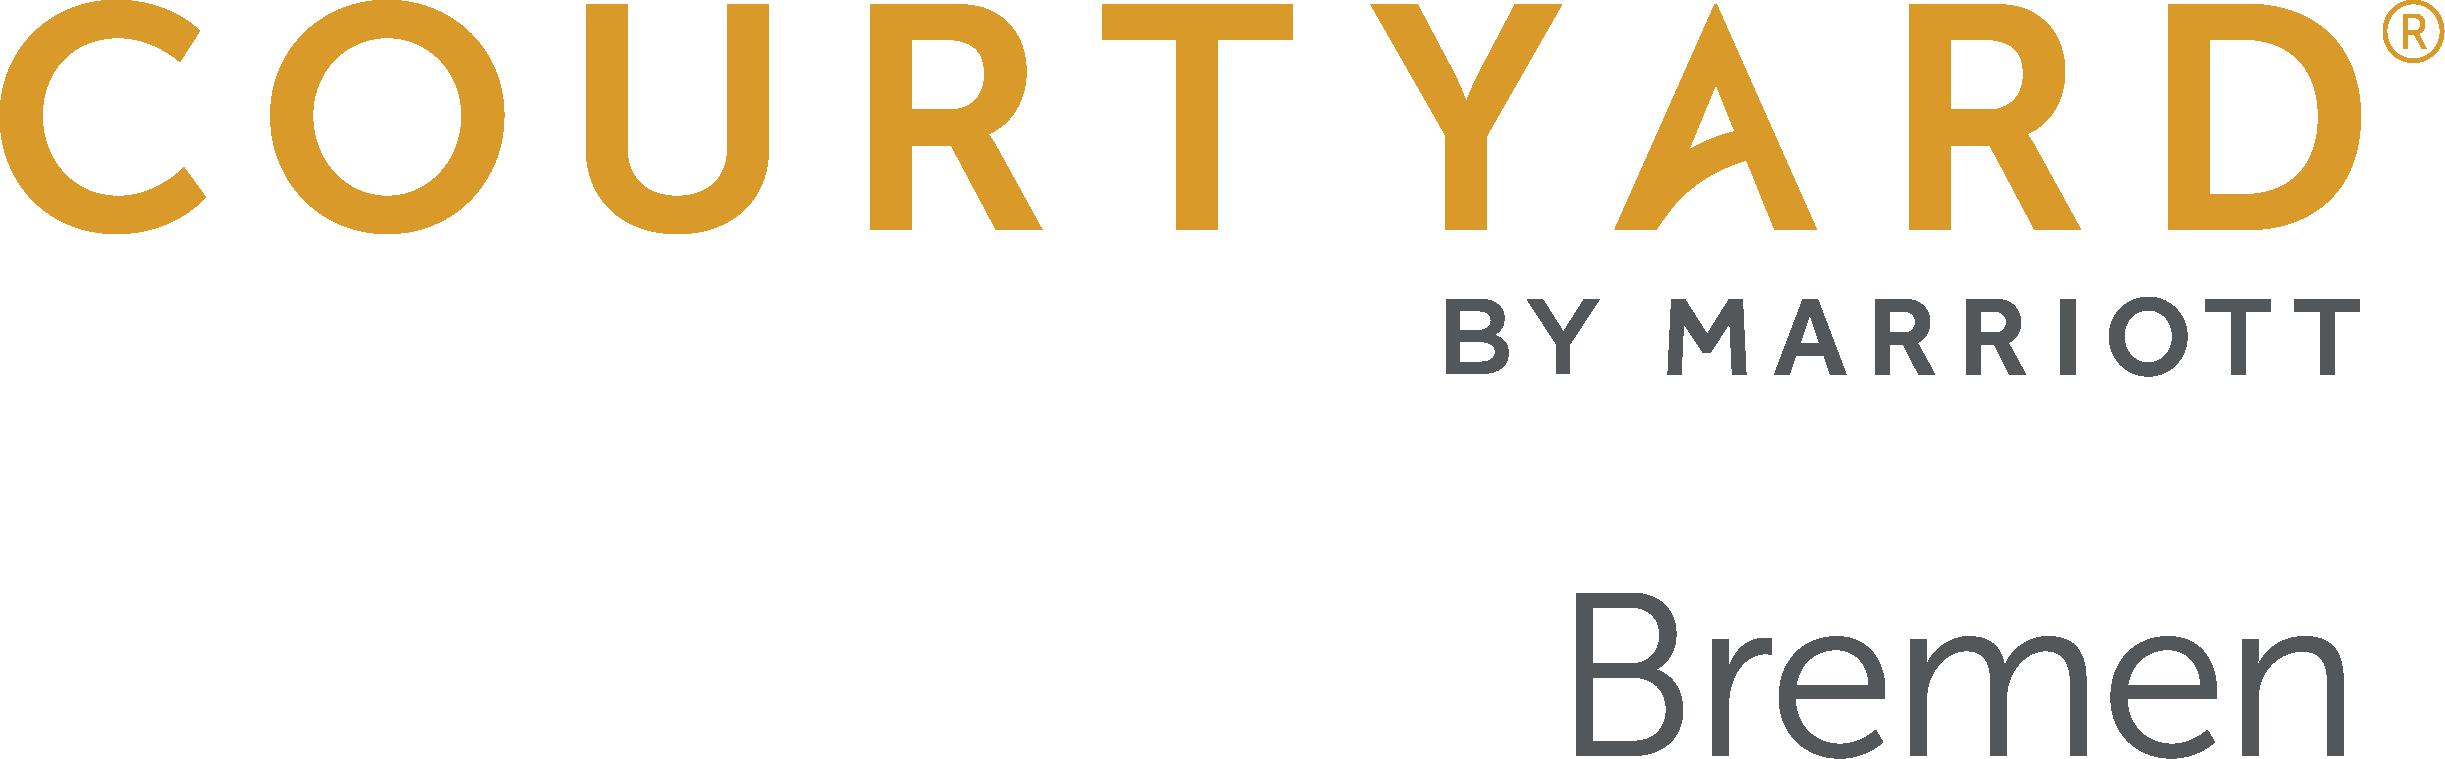 www.marriott.com/hotels/travel/brecy-courtyard-bremen/?scid=bb1a189a-fec3-4d19-a255-54ba596febe2